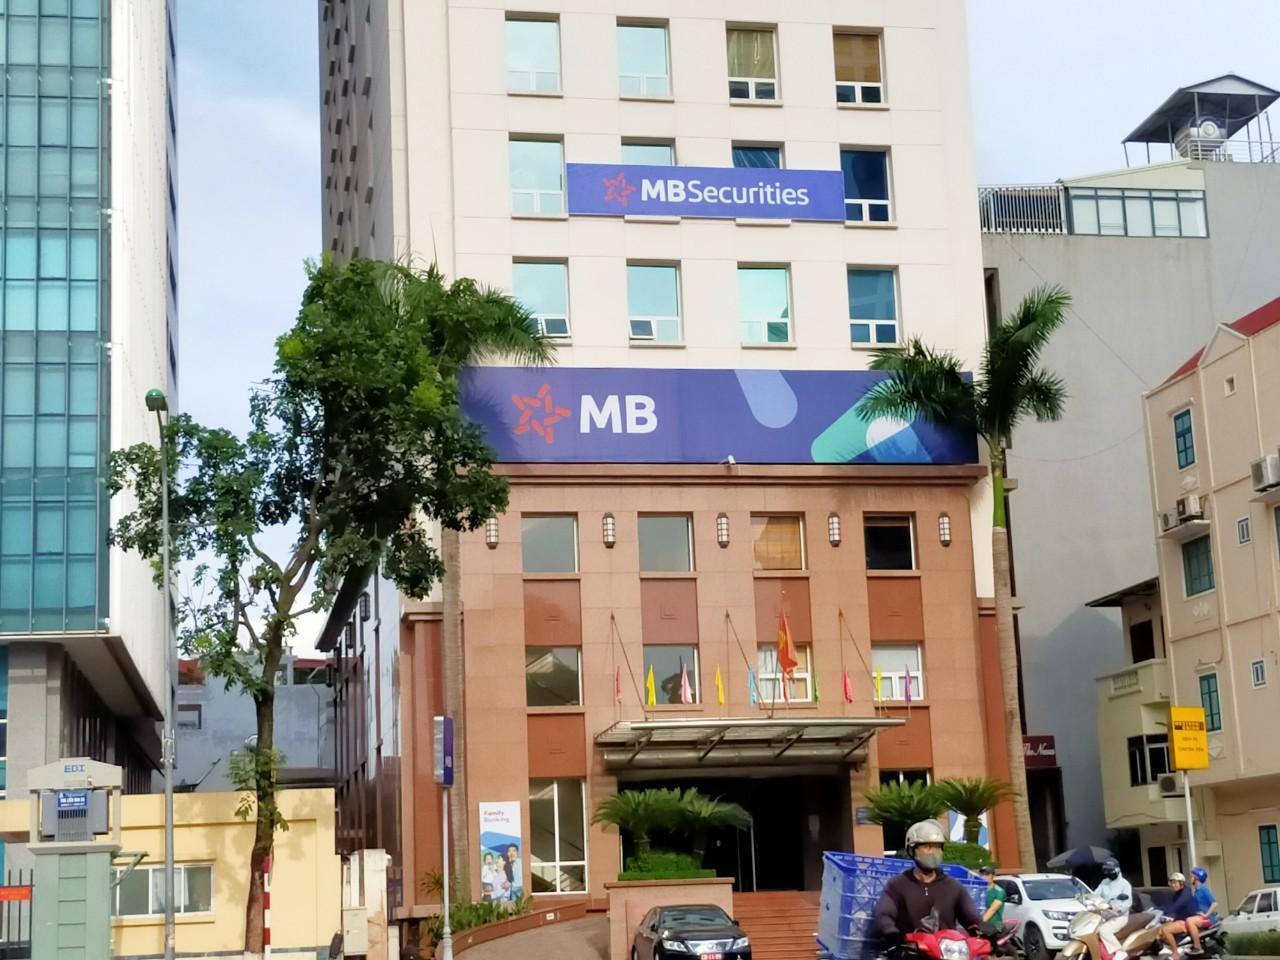 Quỹ đầu tư thuộc MB Capital muốn bán sạch 3 triệu cổ phiếu MBB - Ảnh 1.